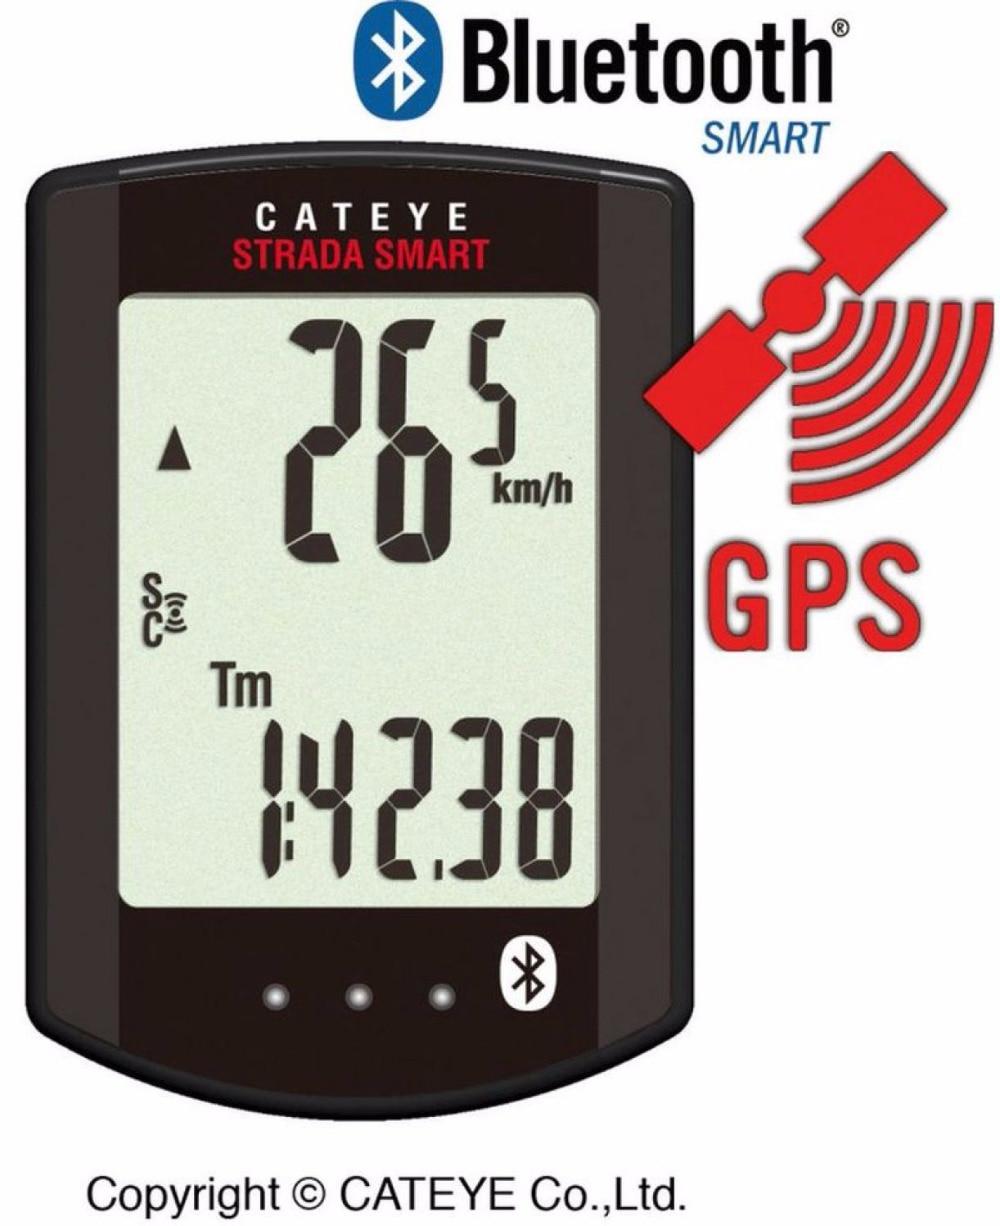 CATEYE smart <font><b>bluetooth</b></font> wireless сердечный ритм <font><b>Cadence</b></font> cc-rd500b Велоспорт велосипед Велосипедные компьютеры